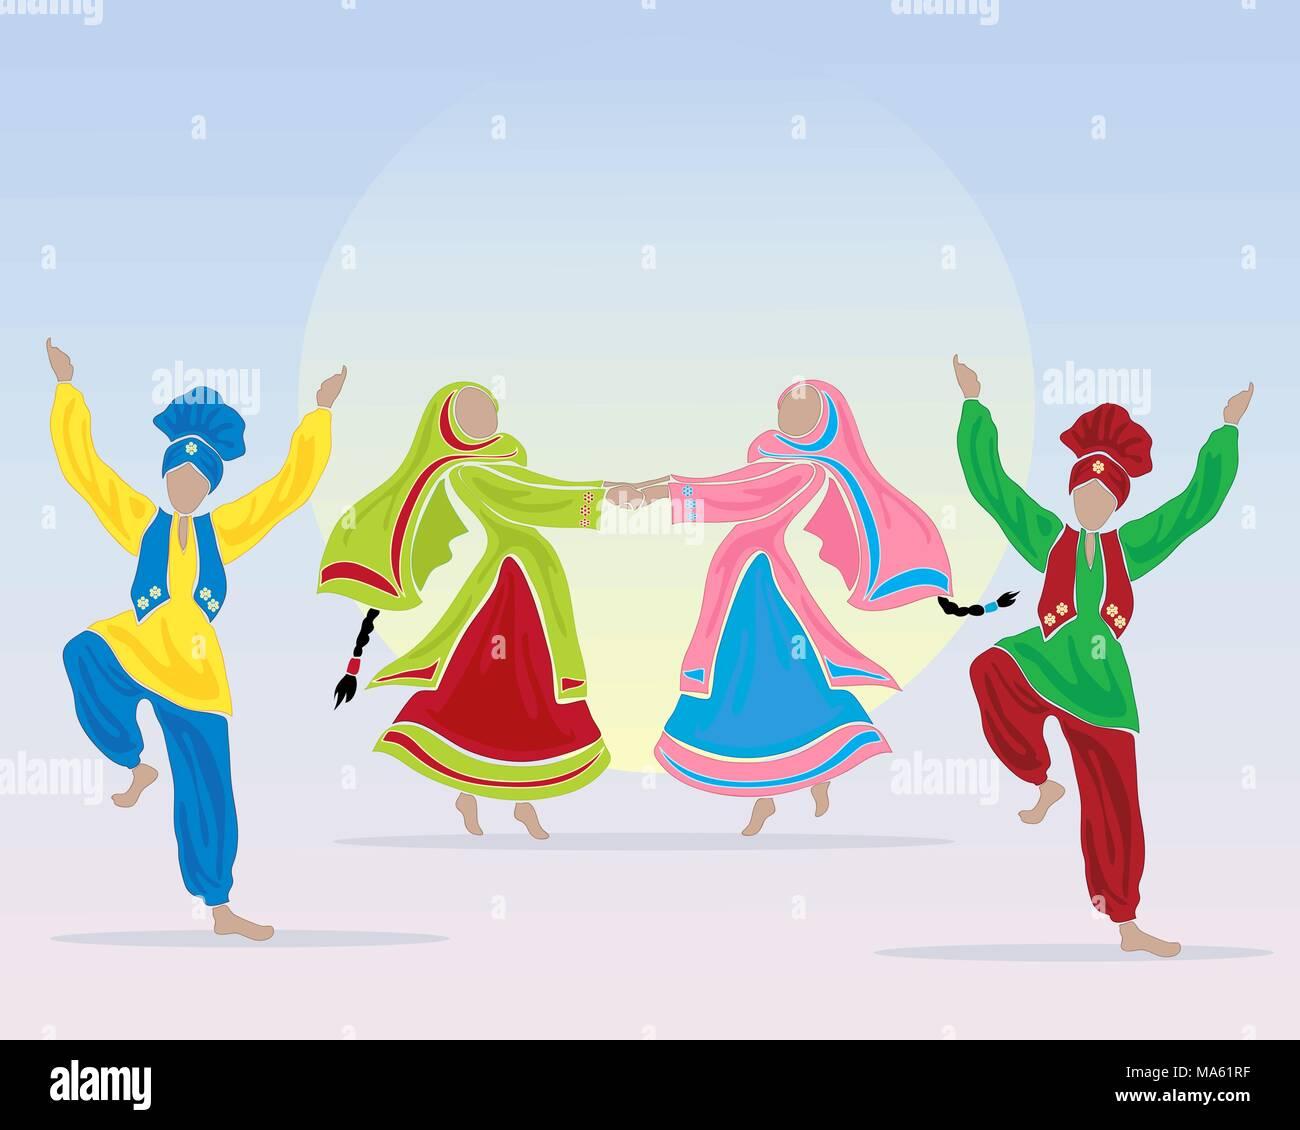 Una illustrazione vettoriale in formato eps formato 10 del punjabi ballerini eseguono un ballo folk in abito tradizionale su uno sfondo blu con un grande sole Immagini Stock